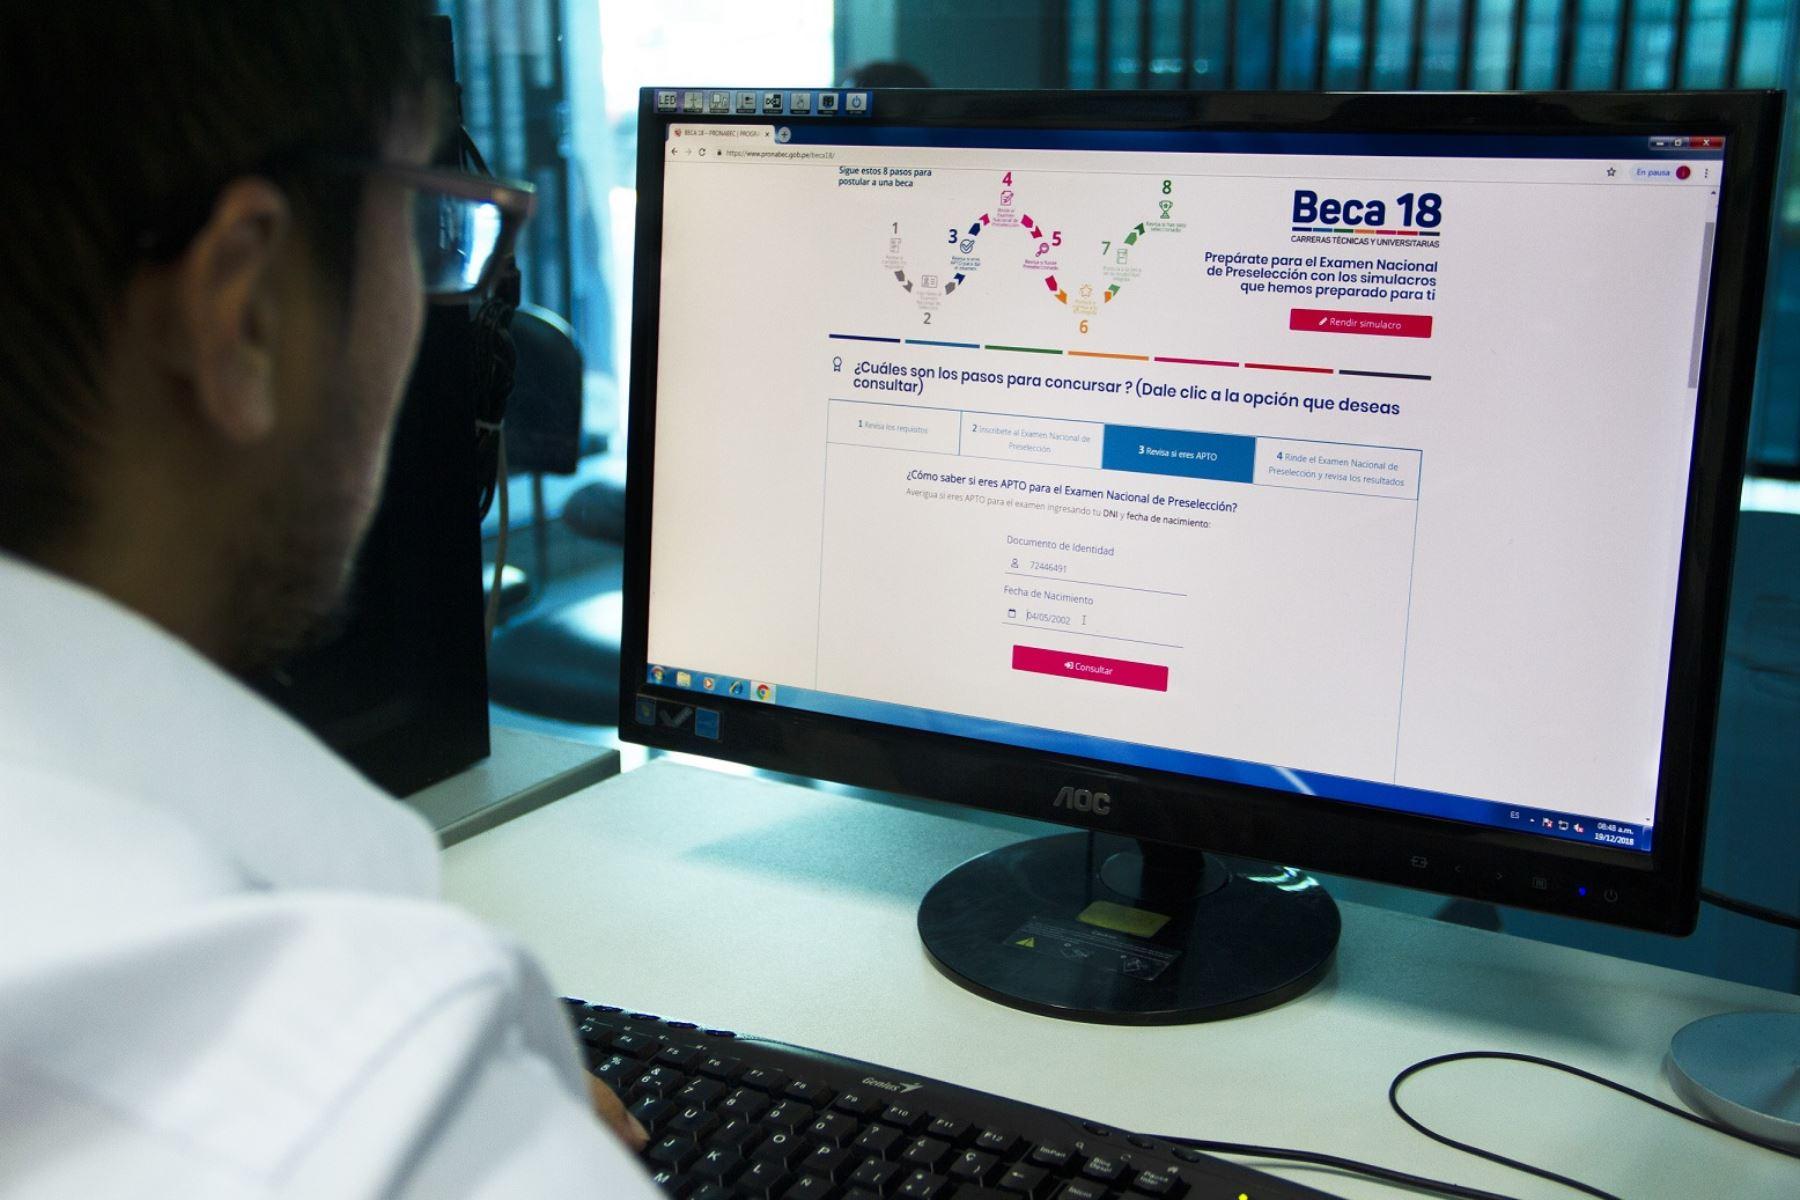 Los inscritos aptos también encontrarán en la página web la fecha, hora y lugar donde rendirán el Examen Nacional de Preselección.. Foto: Difusión